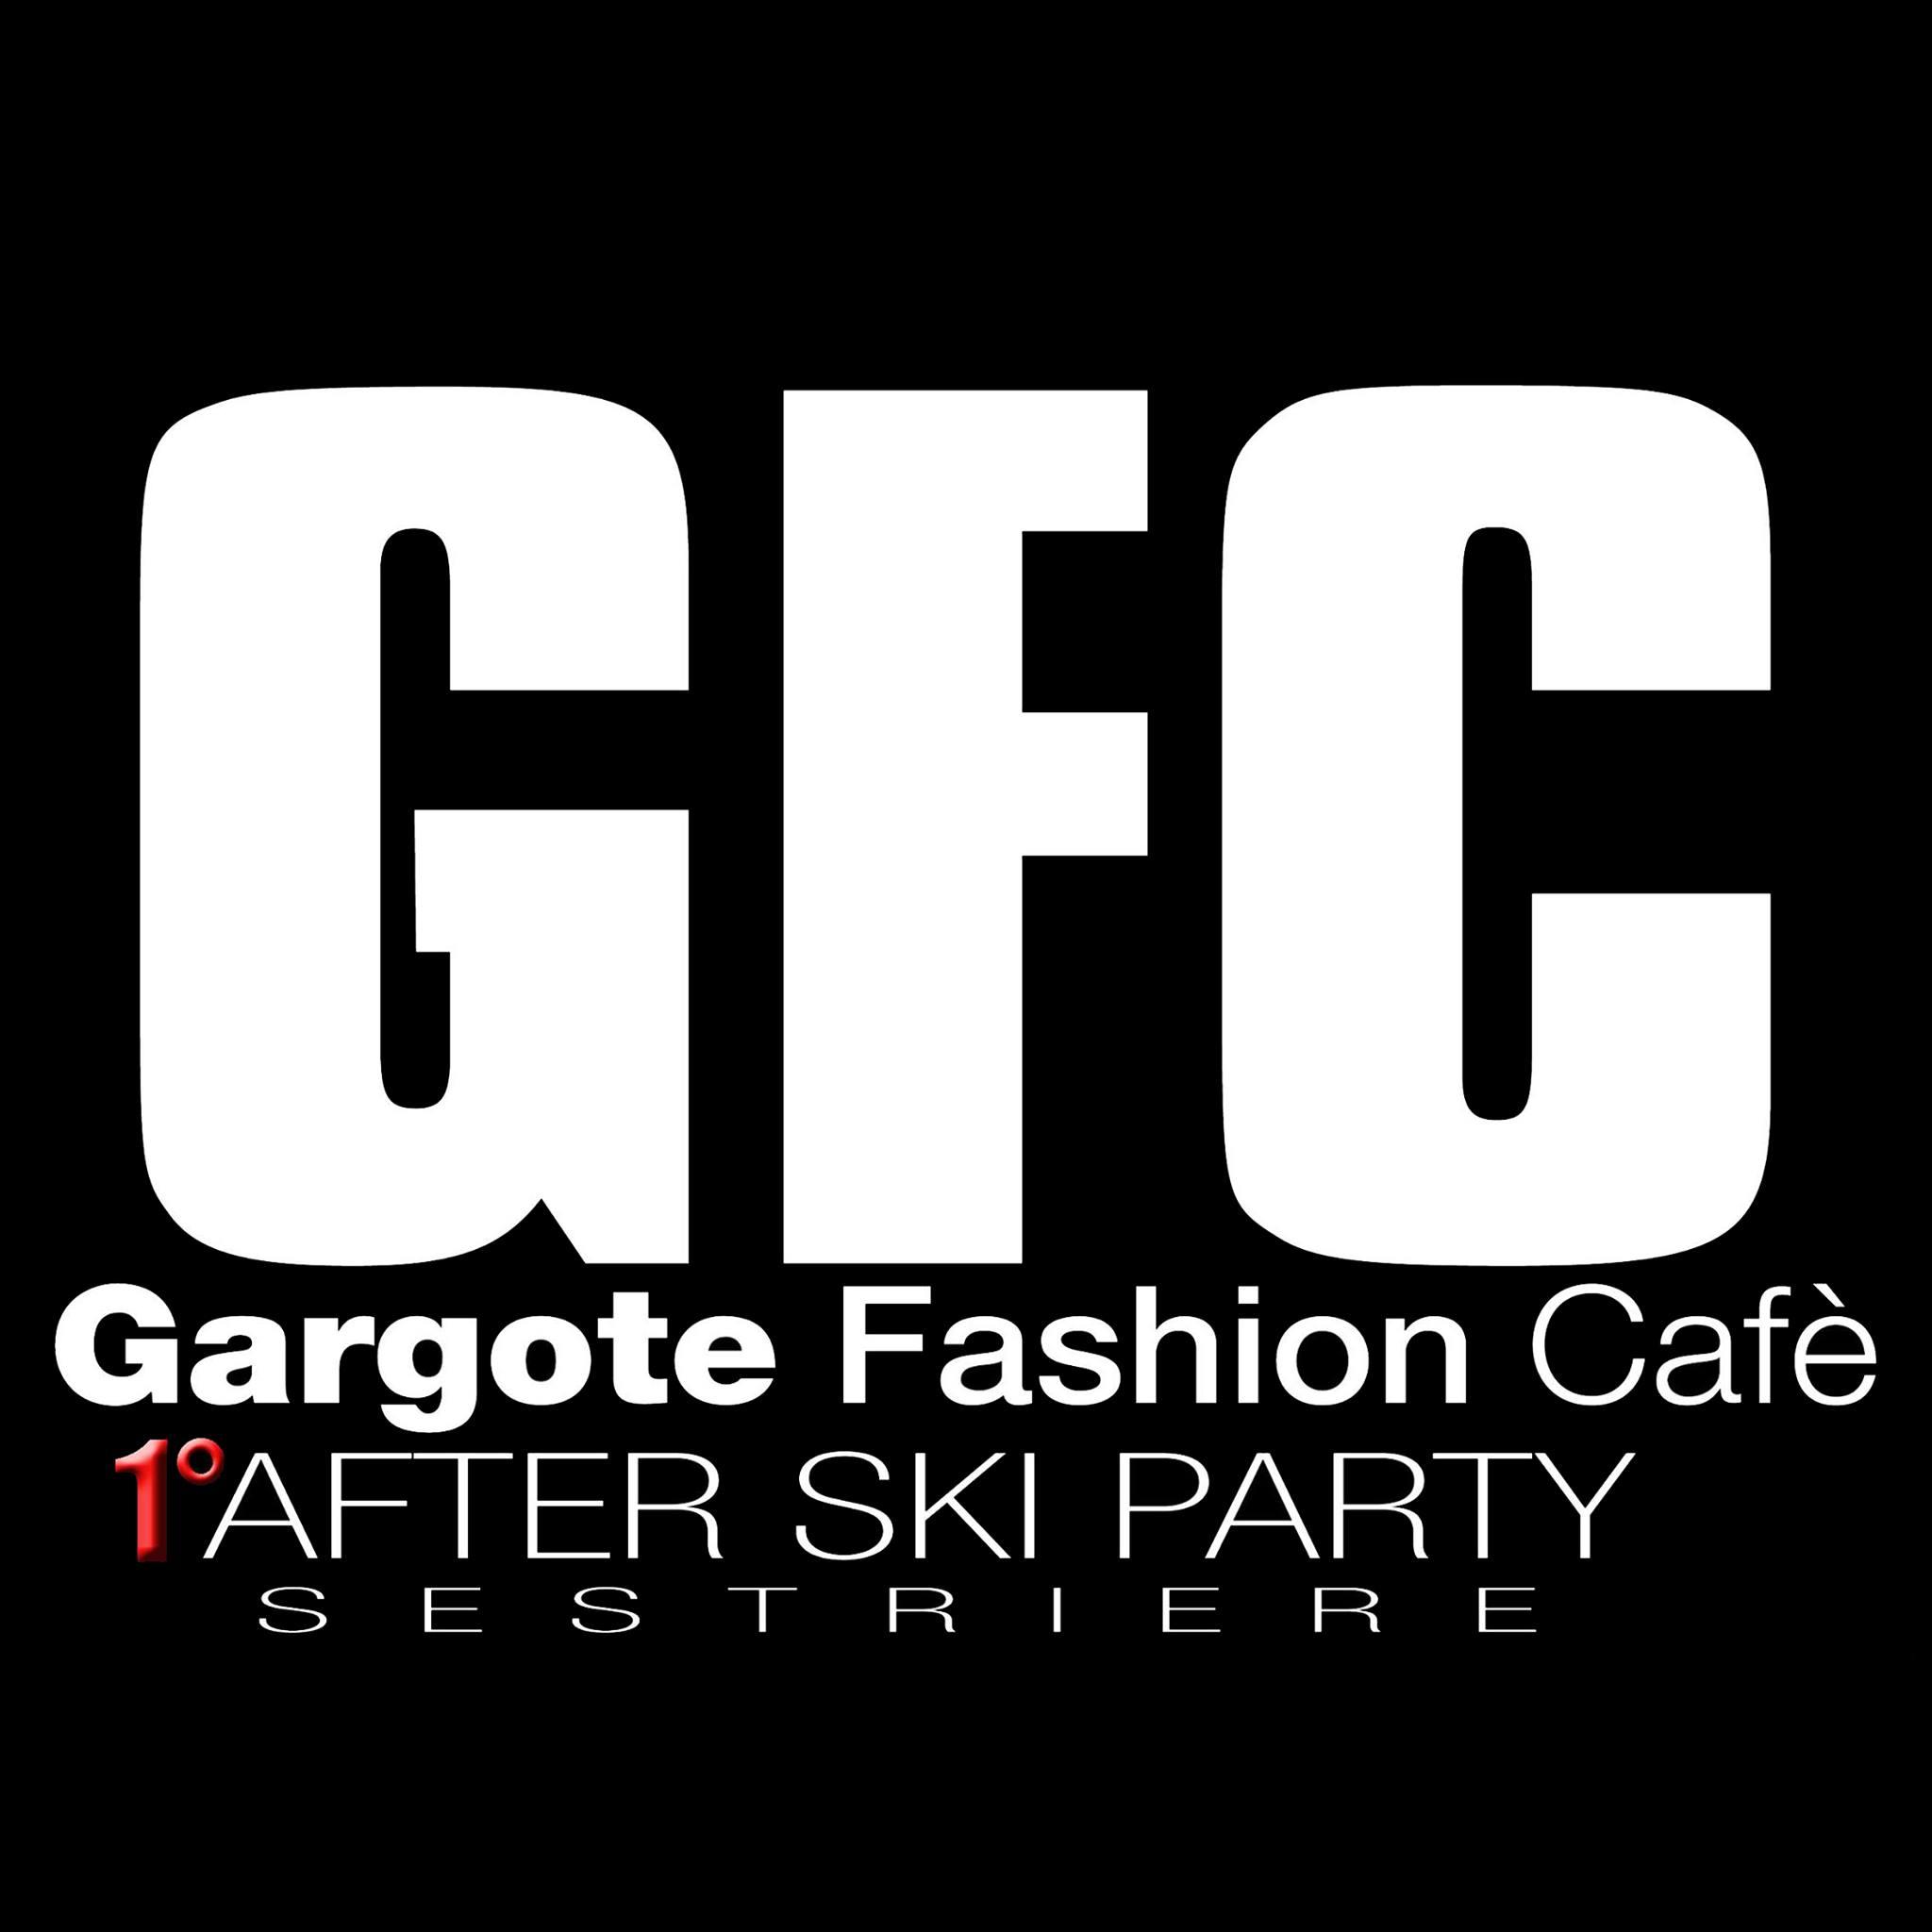 GFC Sestriere